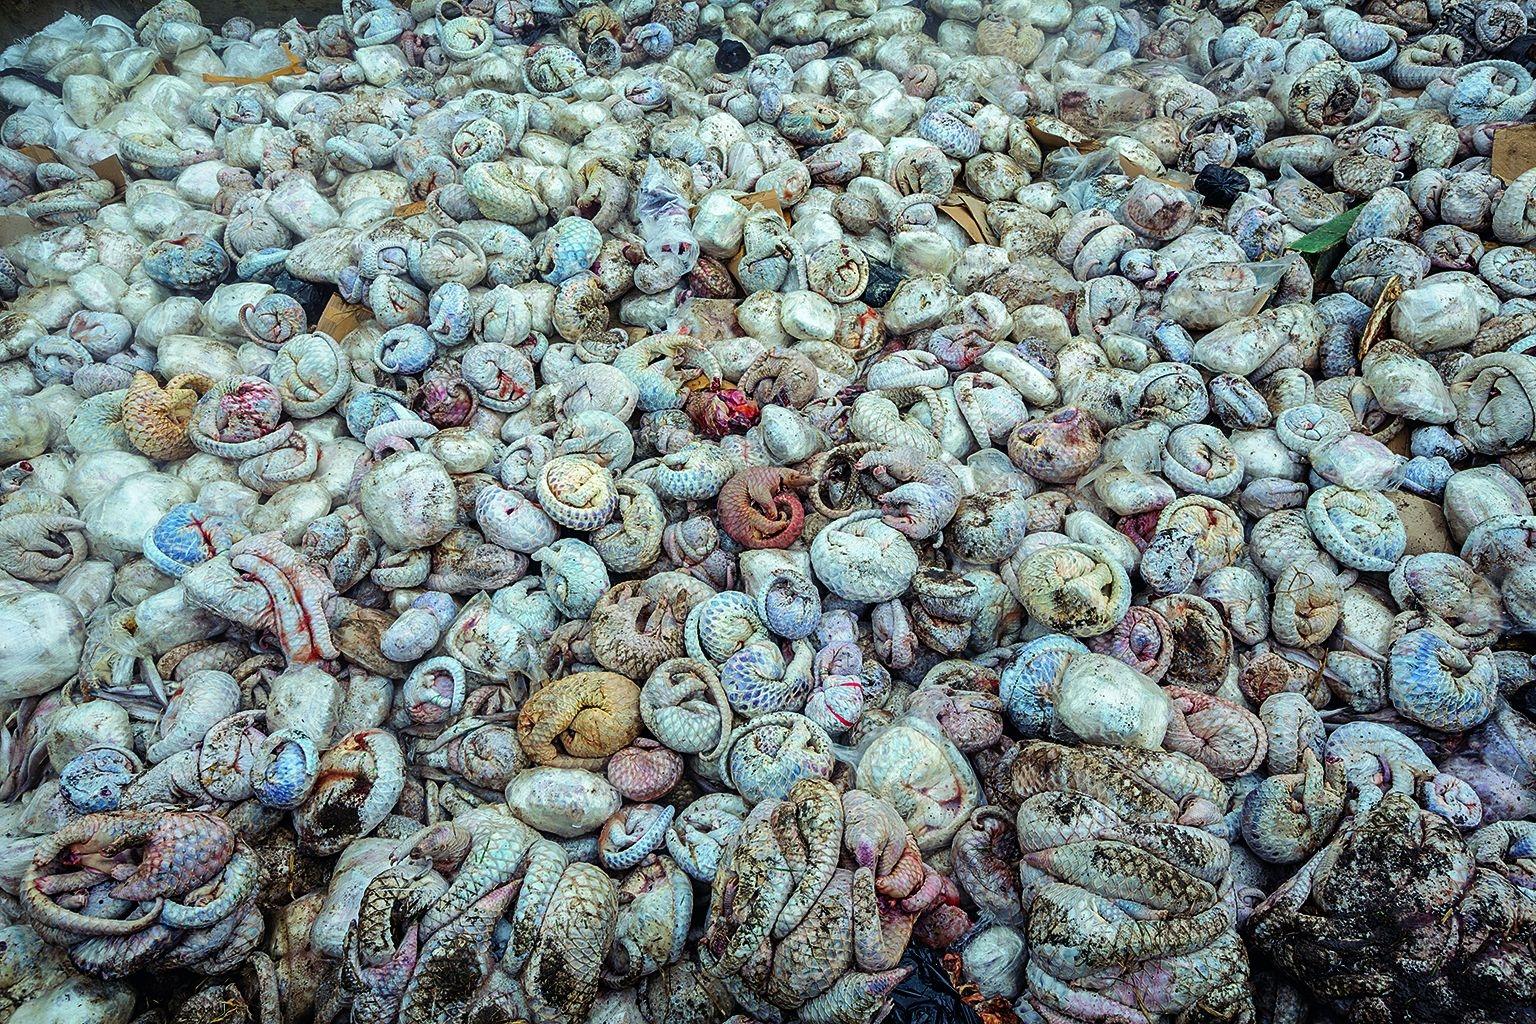 穿山甲的鱗片和肉都是非法交易的誘因,有些人視穿山甲肉為珍饈。2015年4月,在印尼一個本來應該裝冷凍魚的船運貨櫃中,查獲了四千多隻冷凍穿山甲屍體,外加鱗片和近100隻活體。PAUL HILTON